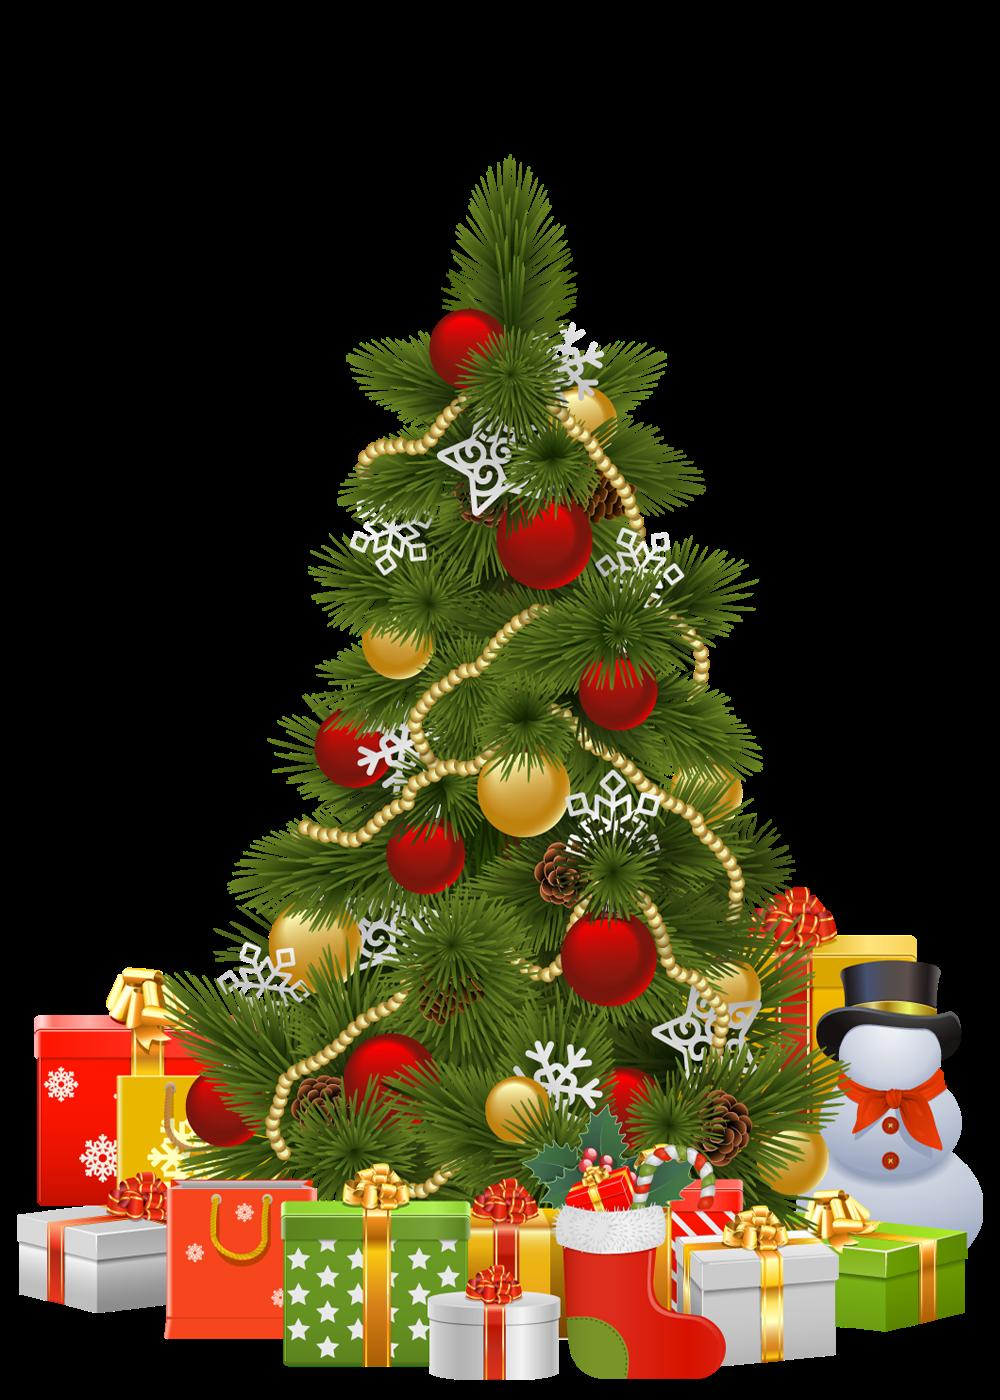 Cosas en png rbol de navidad con regalos - Arbol de navidad con regalos ...